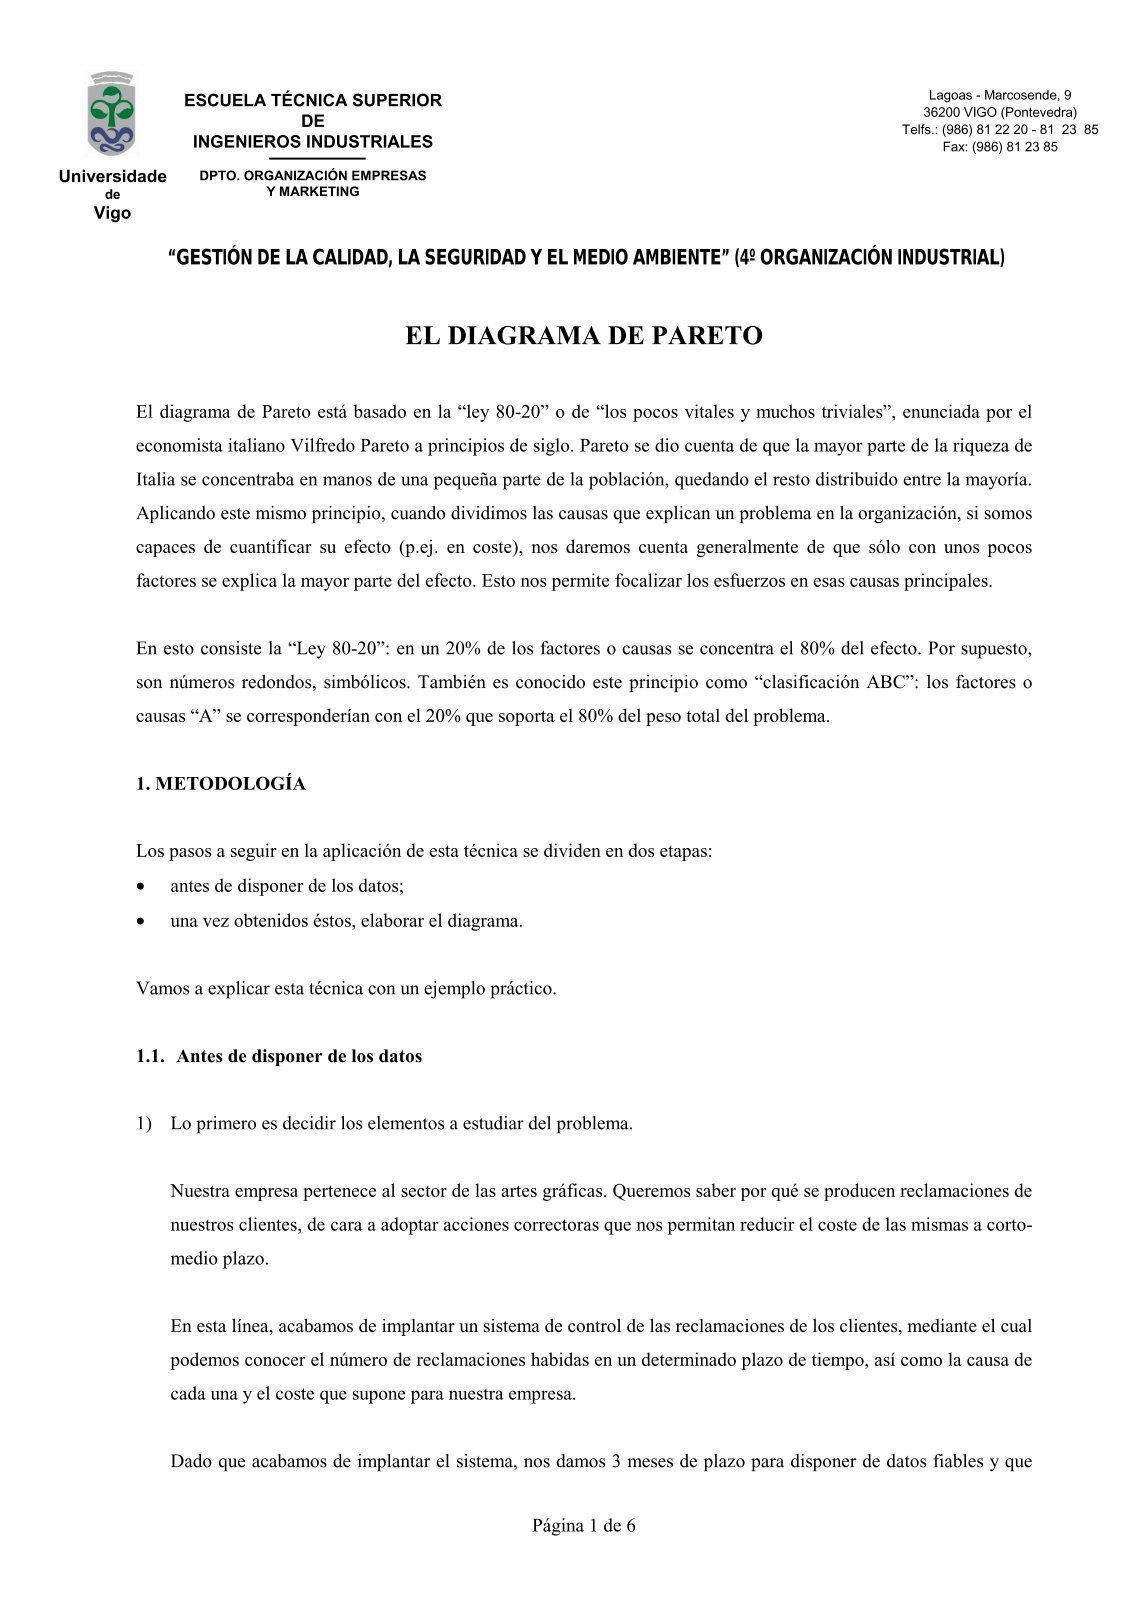 hight resolution of gio uvigo es